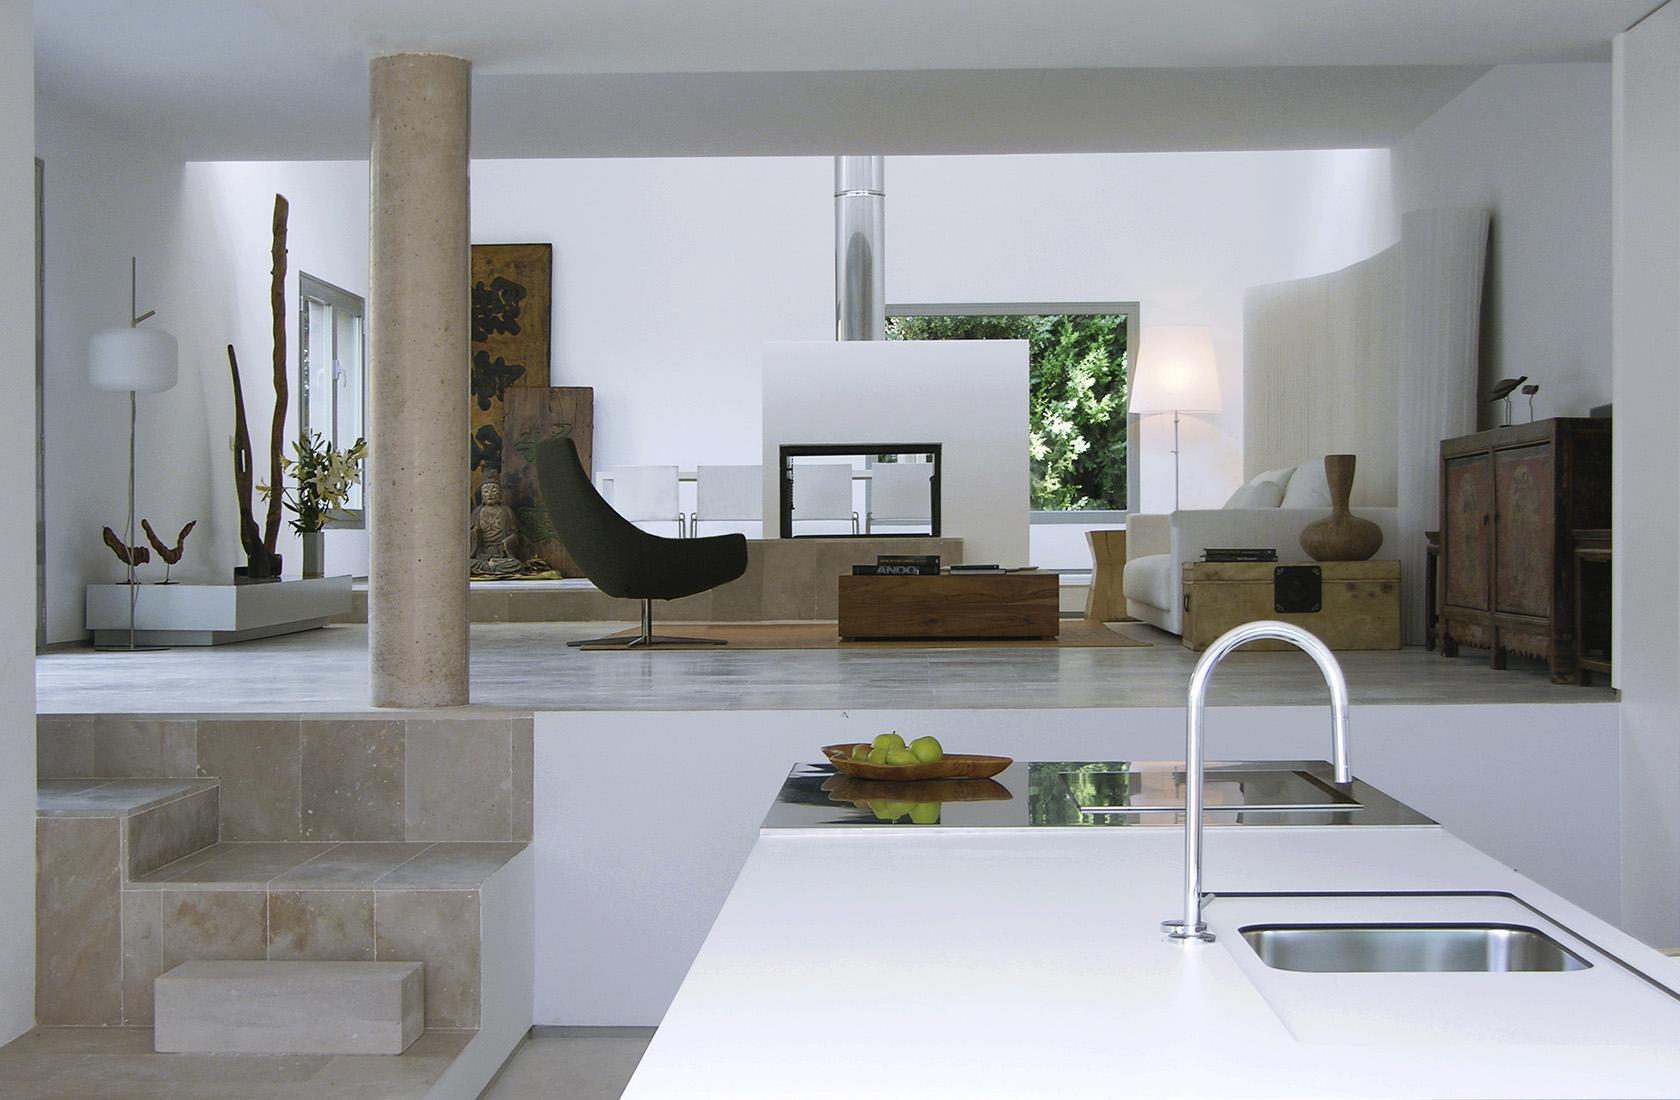 Casa c 25 cocina salon